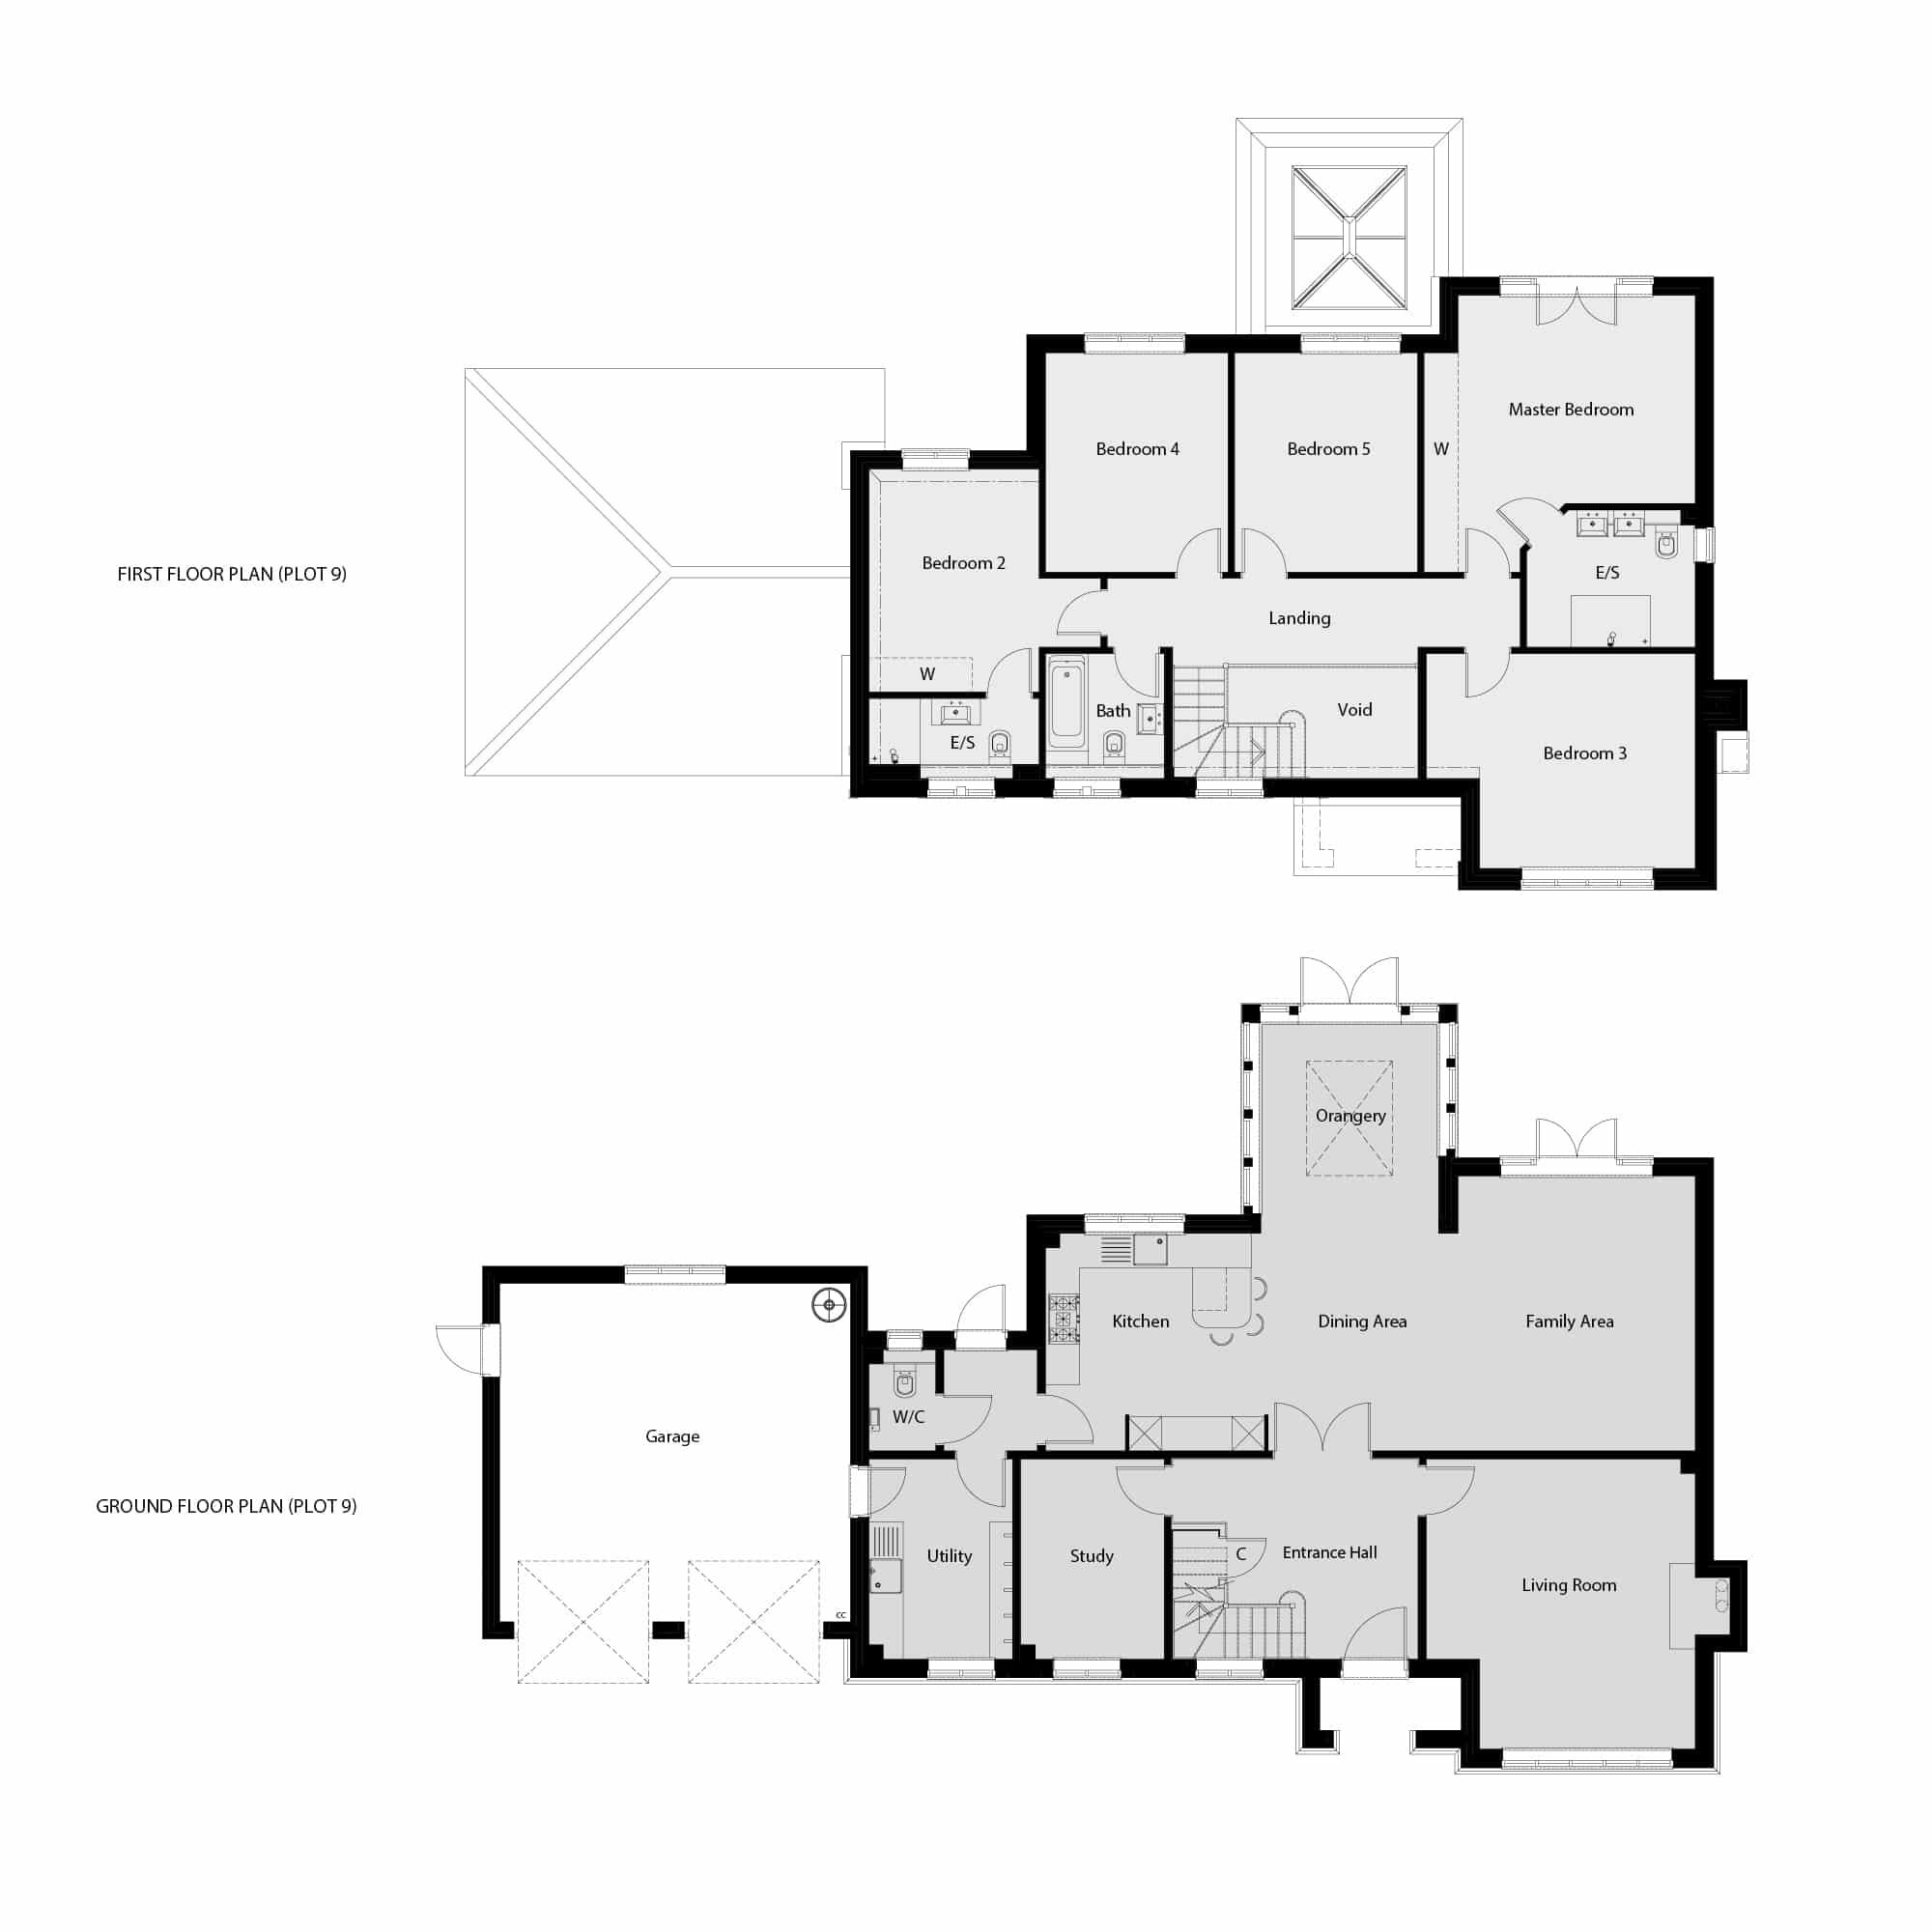 Floor Plans 9